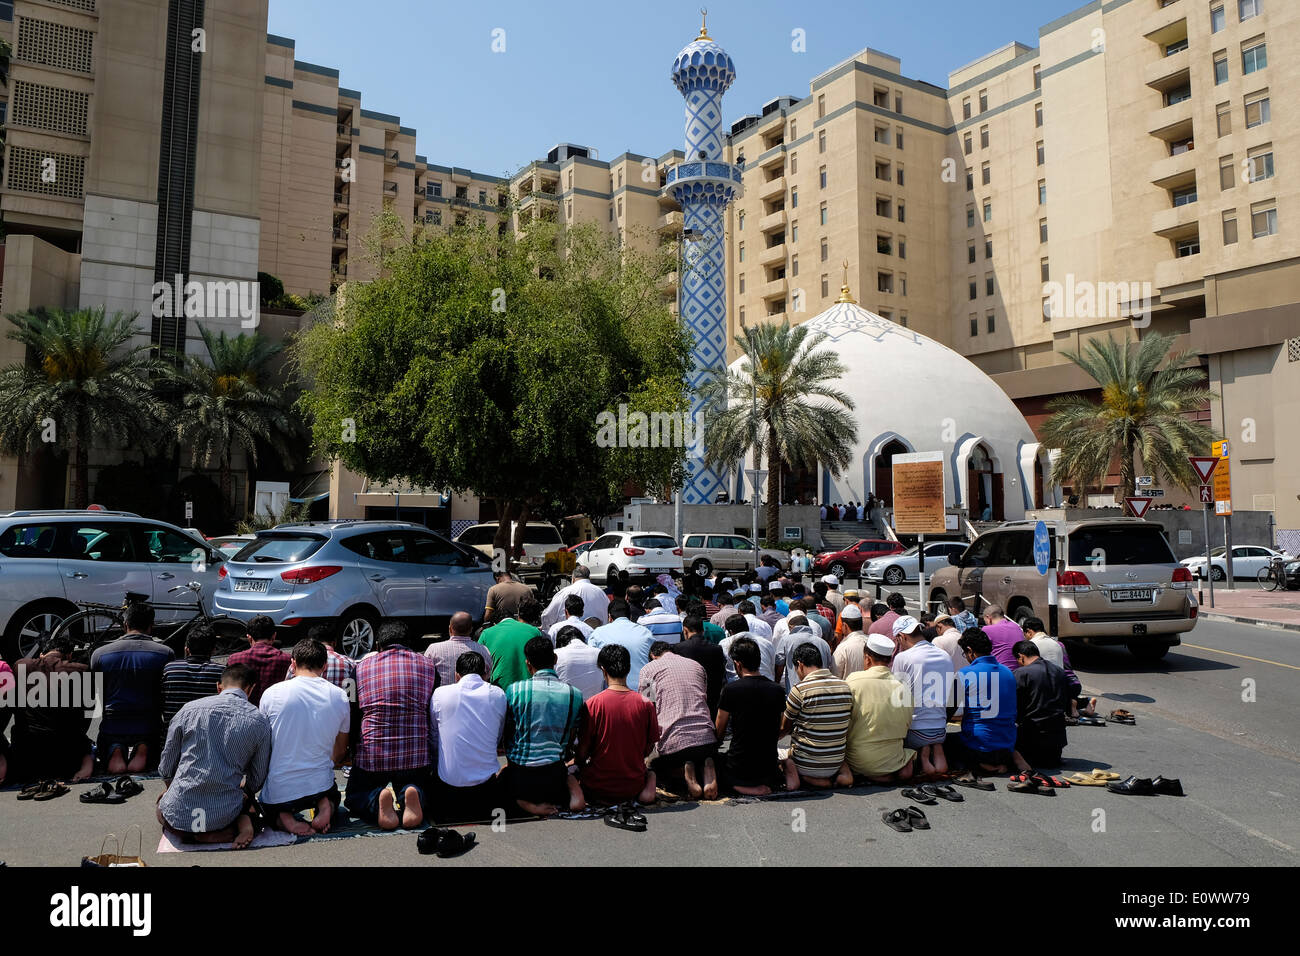 Beaucoup d'hommes prier le vendredi à la mosquée de l'extérieur du centre commercial Burjuman à Dubaï Émirats Arabes Unis Photo Stock